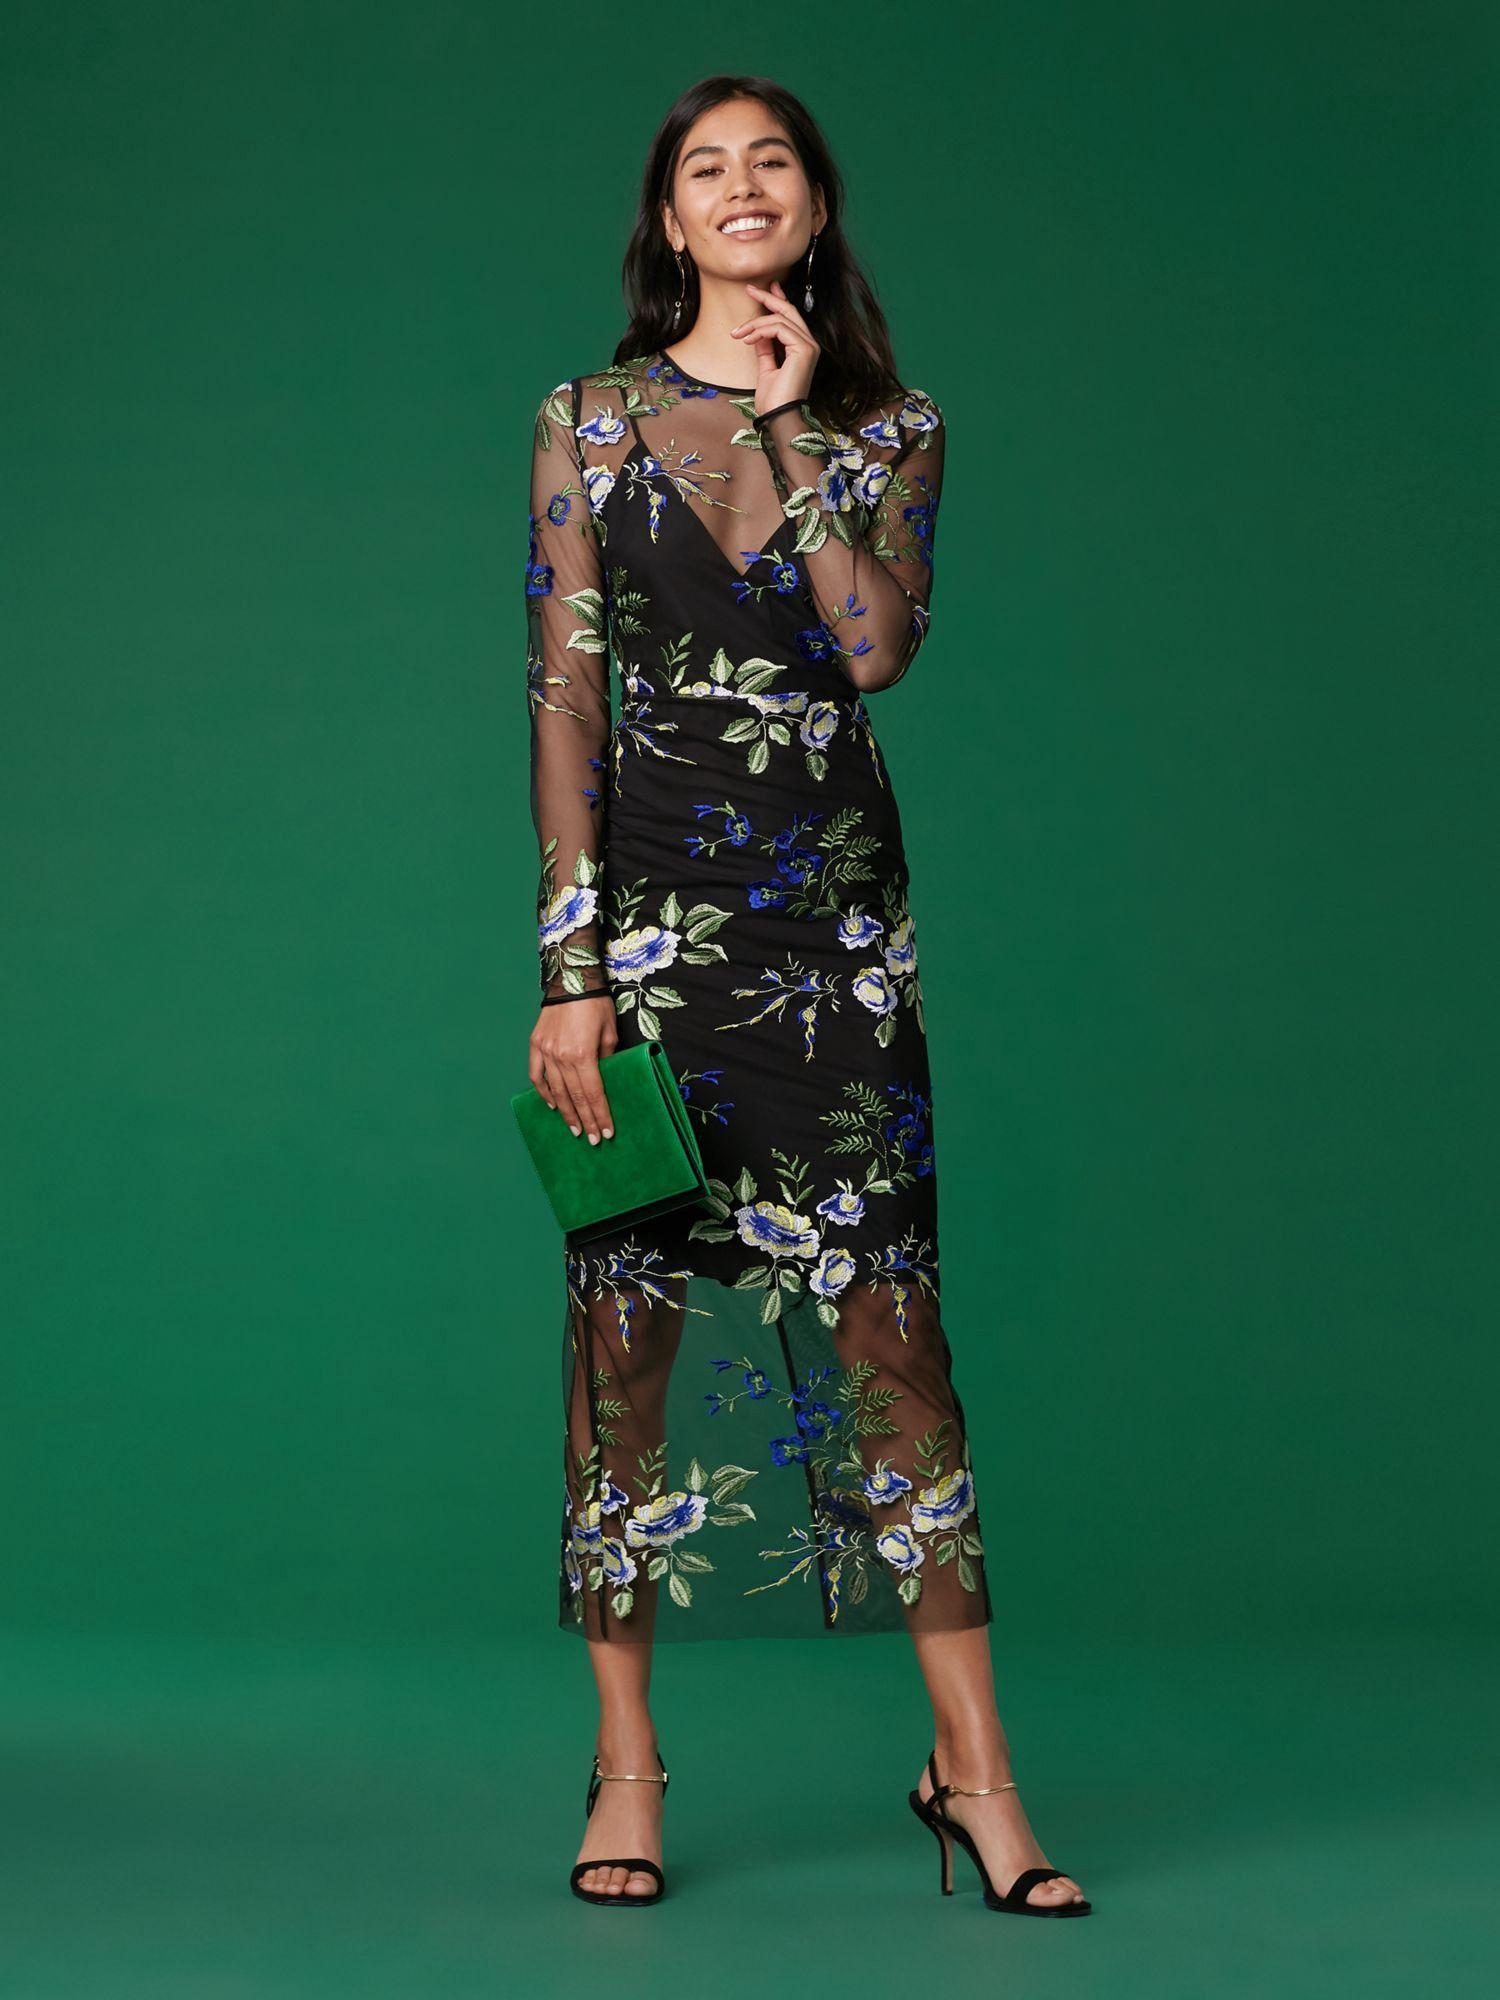 96c39189e5562 Diane Von Furstenberg Dvf Long Sleeve Crew Neck Embroidered Dress - 00